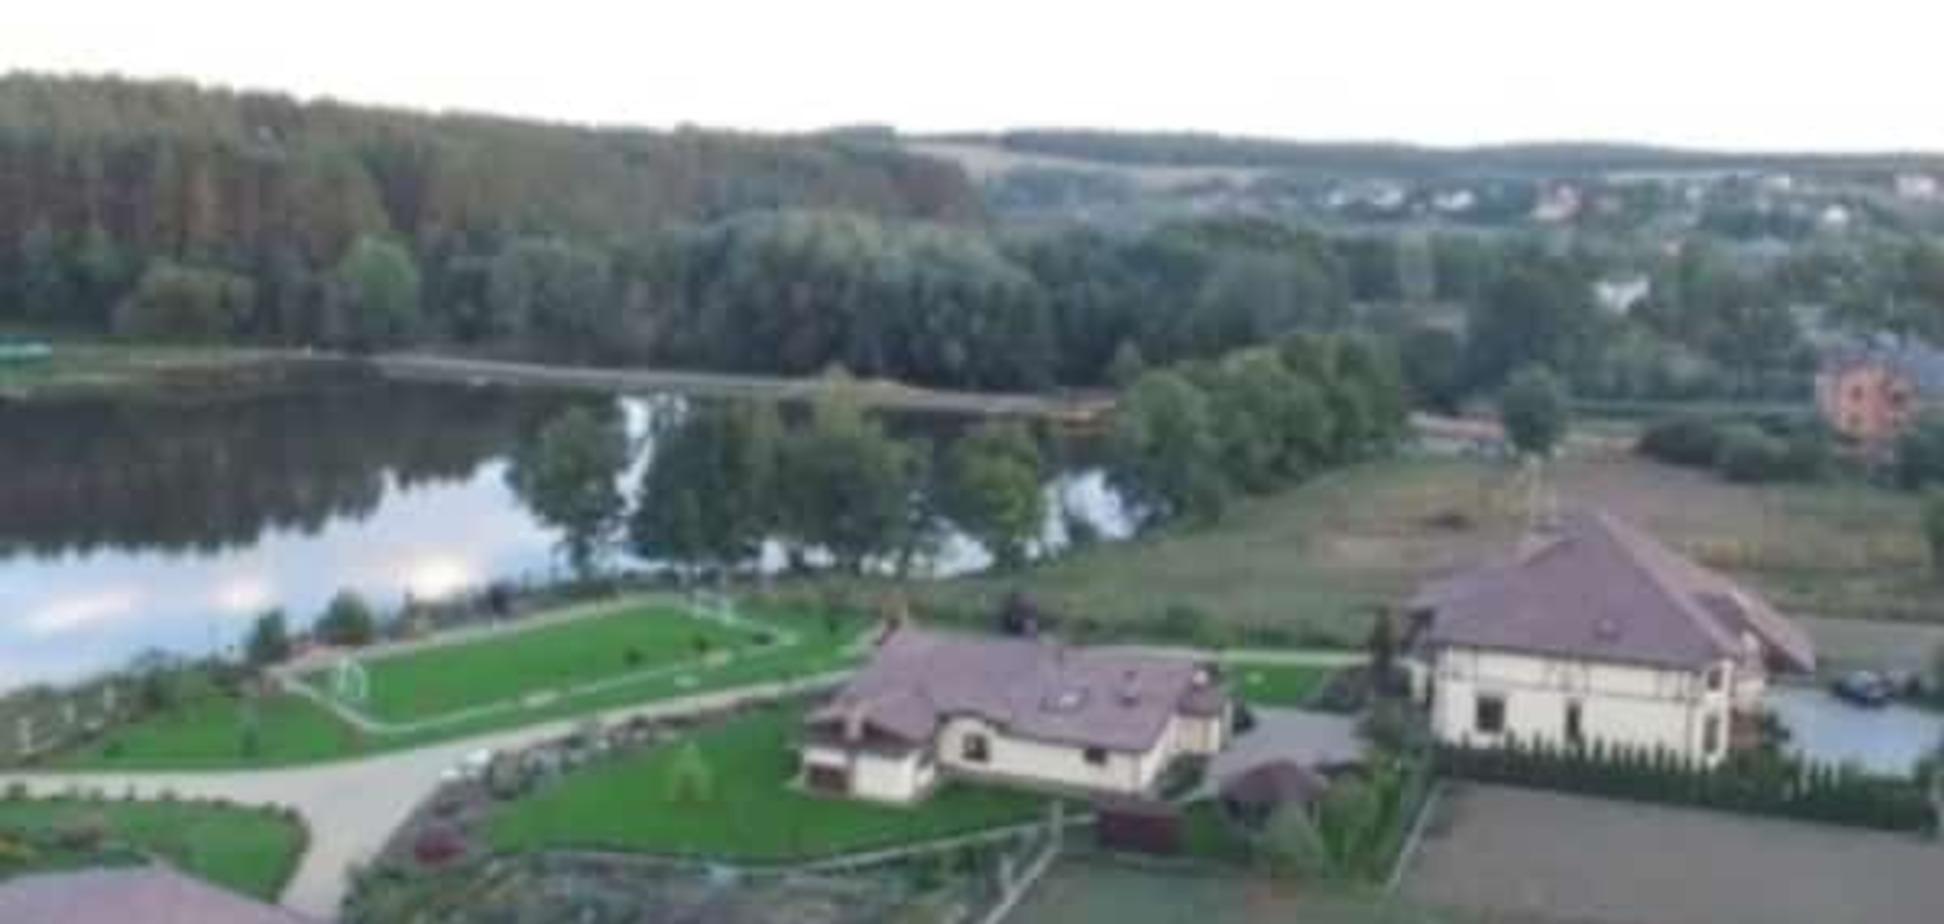 У голови служби зовнішньої розвідки знайшли цілий маєток під Києвом: опубліковано відео